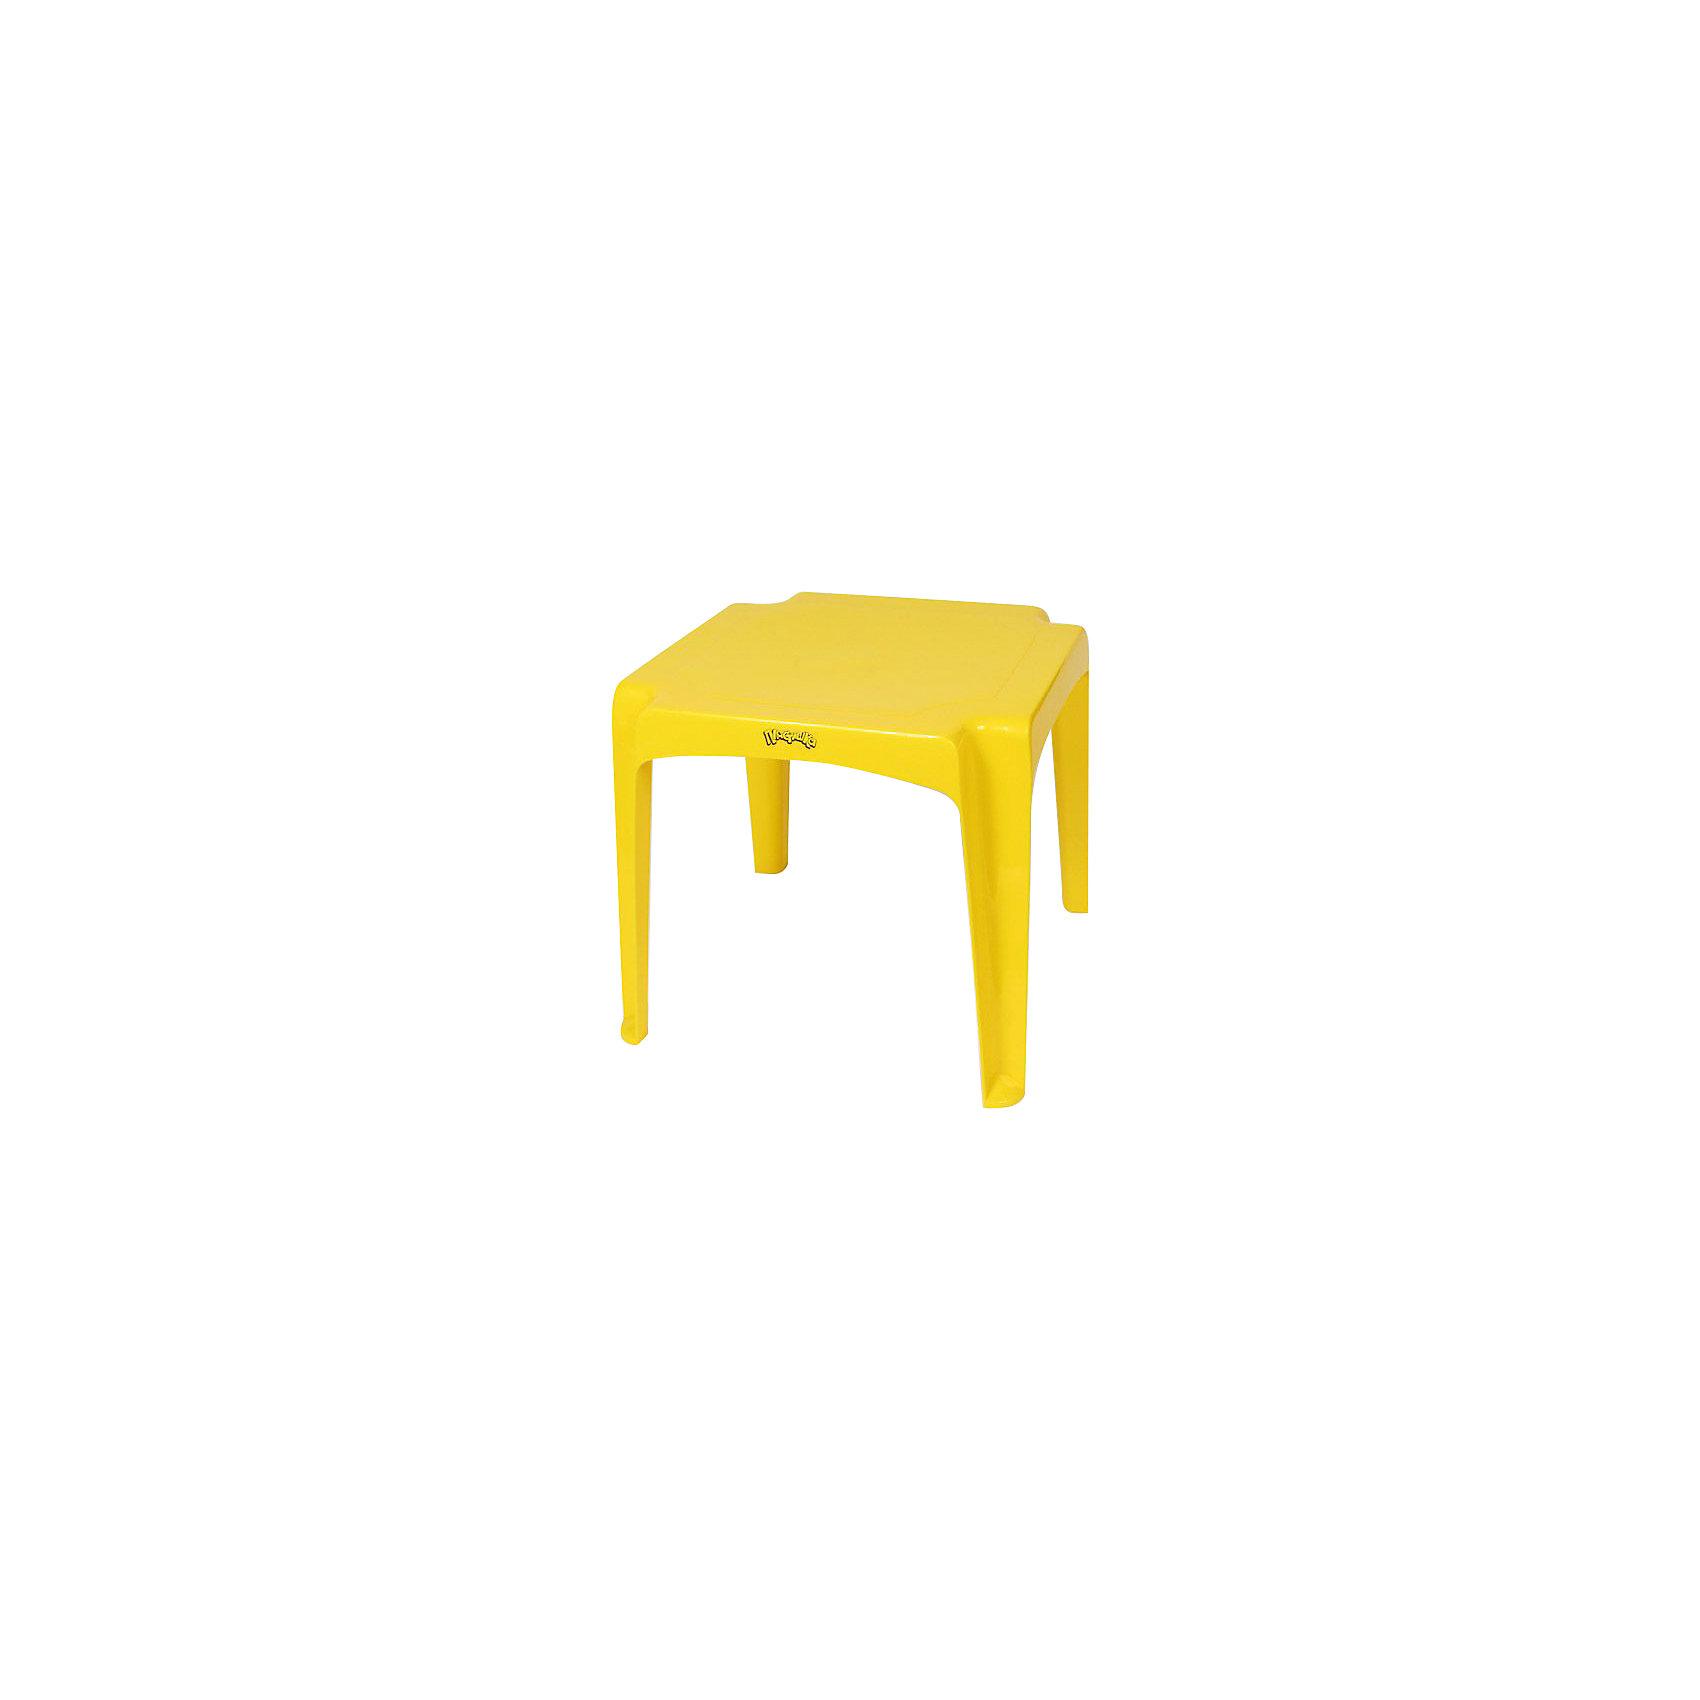 Желтый стол 52*52*47,5 см